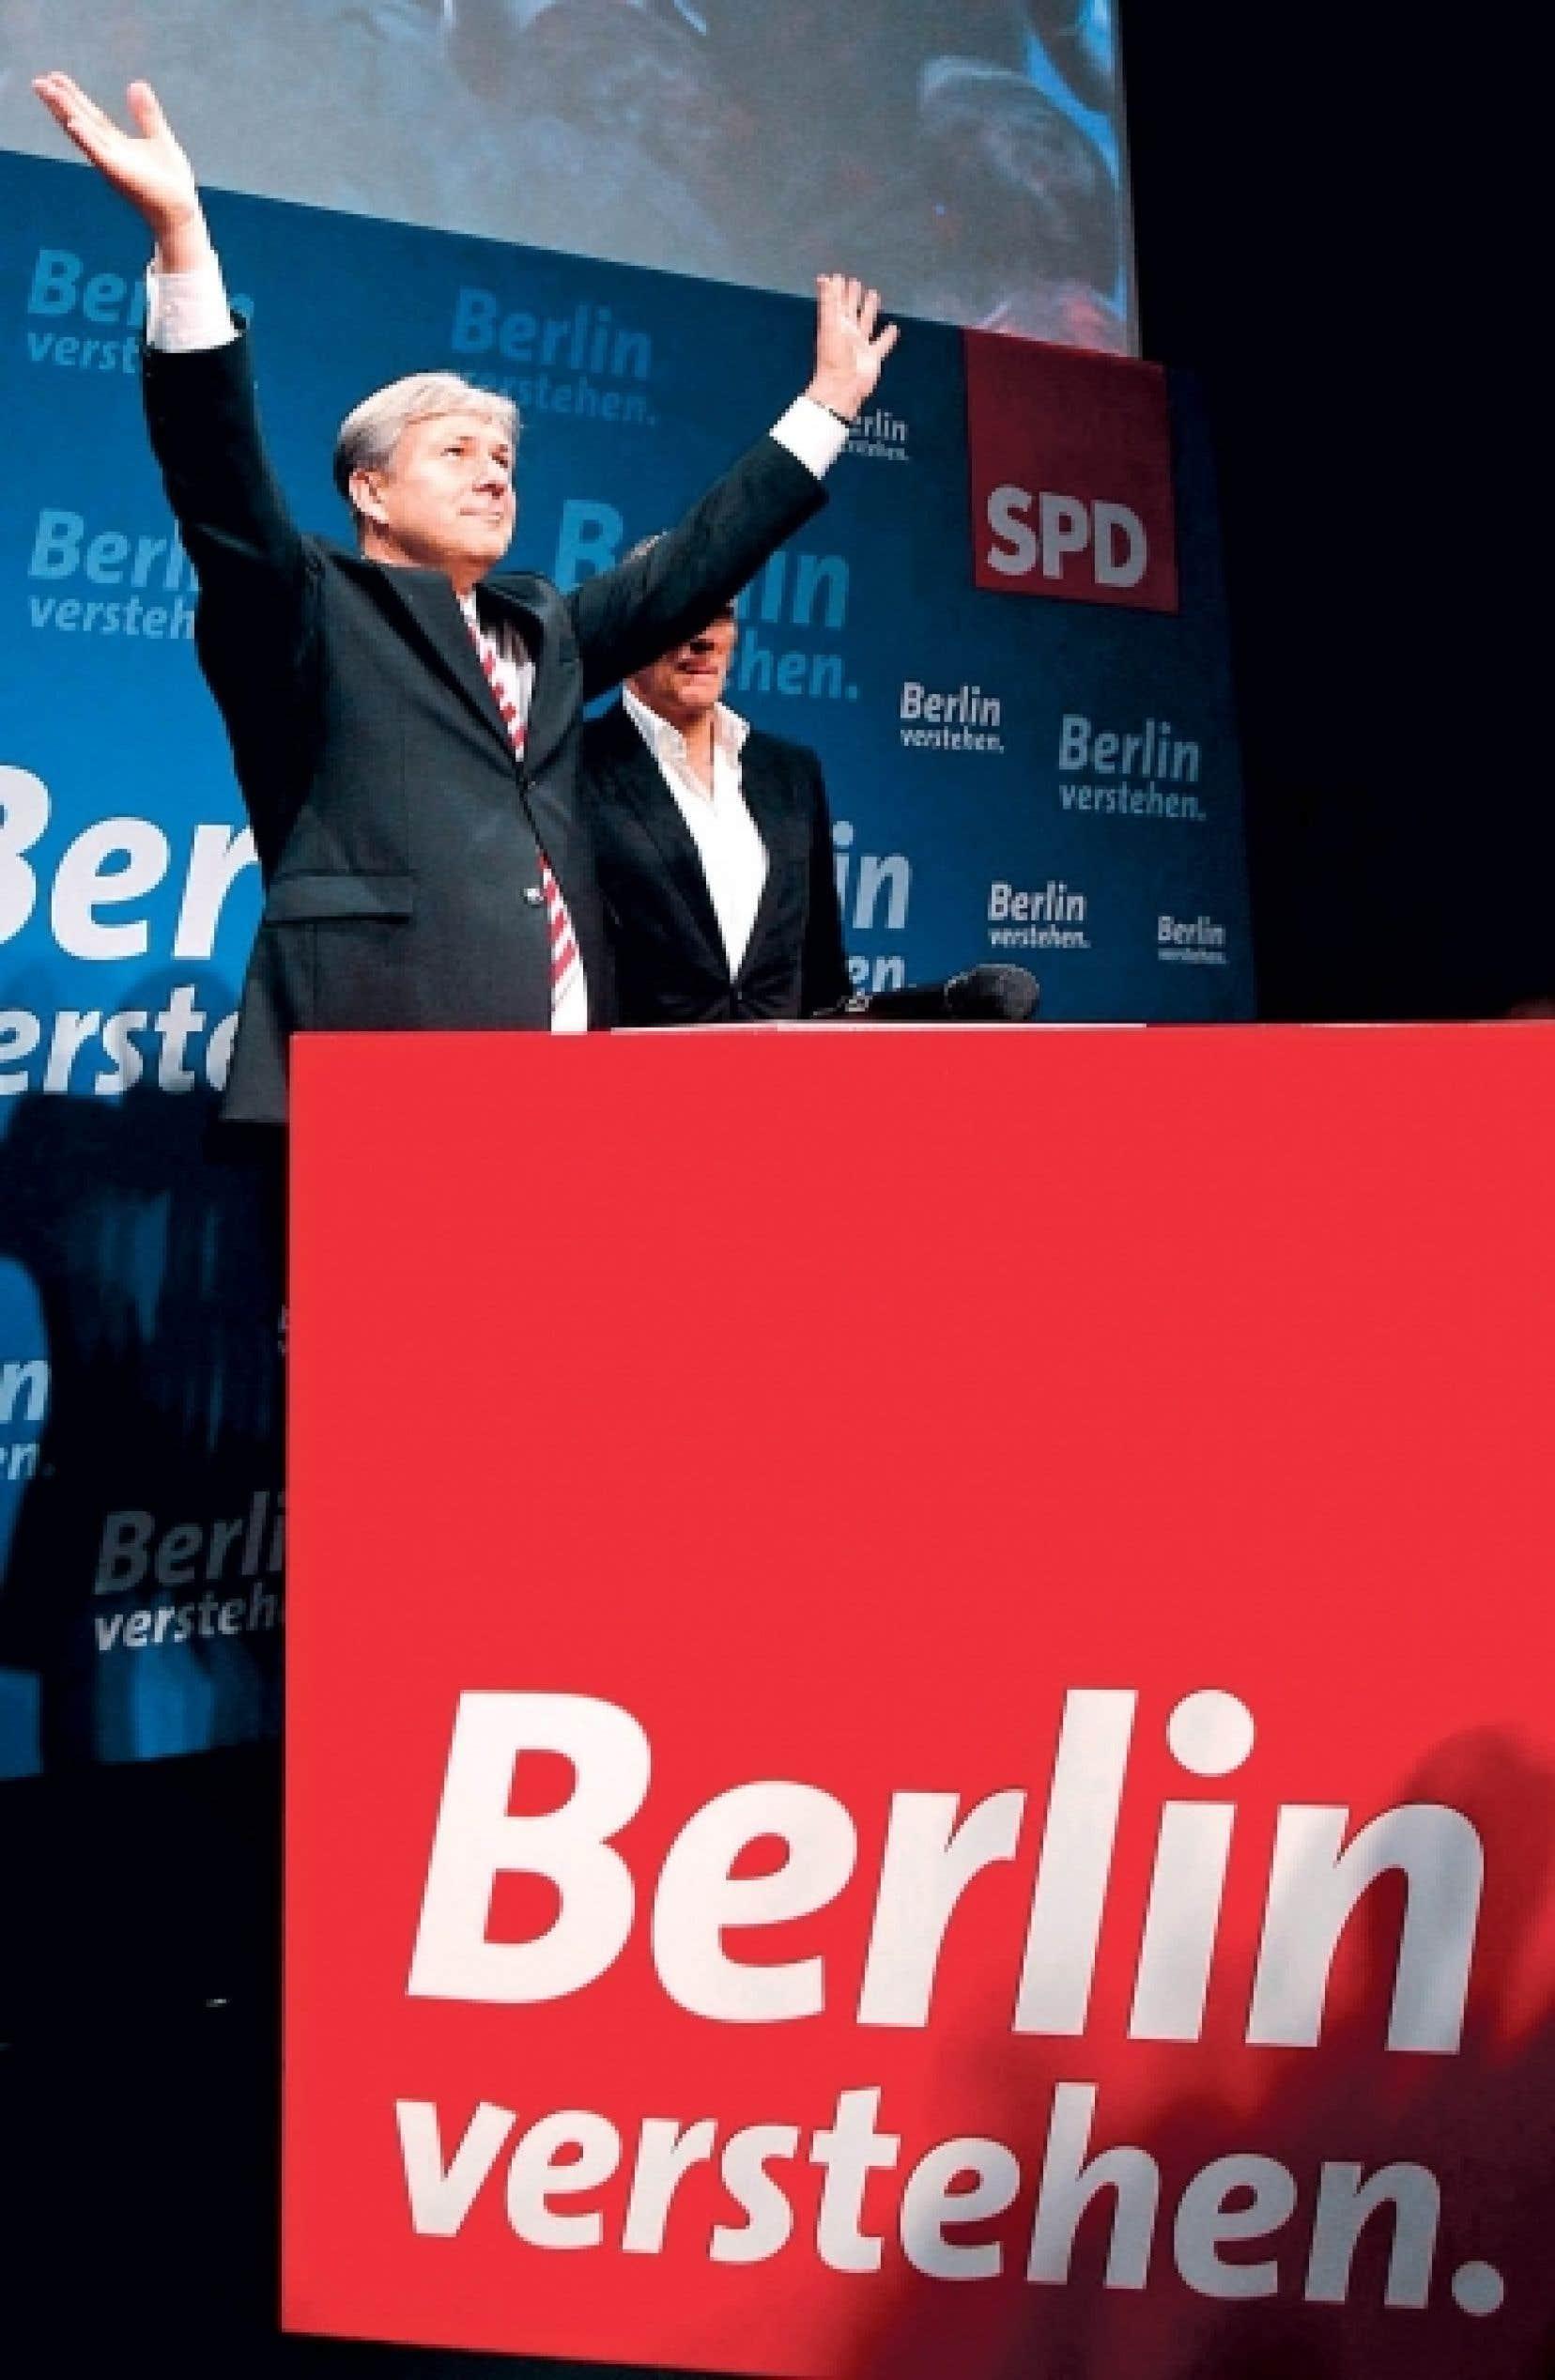 Le maire sortant de Berlin, Klaus Wowereit